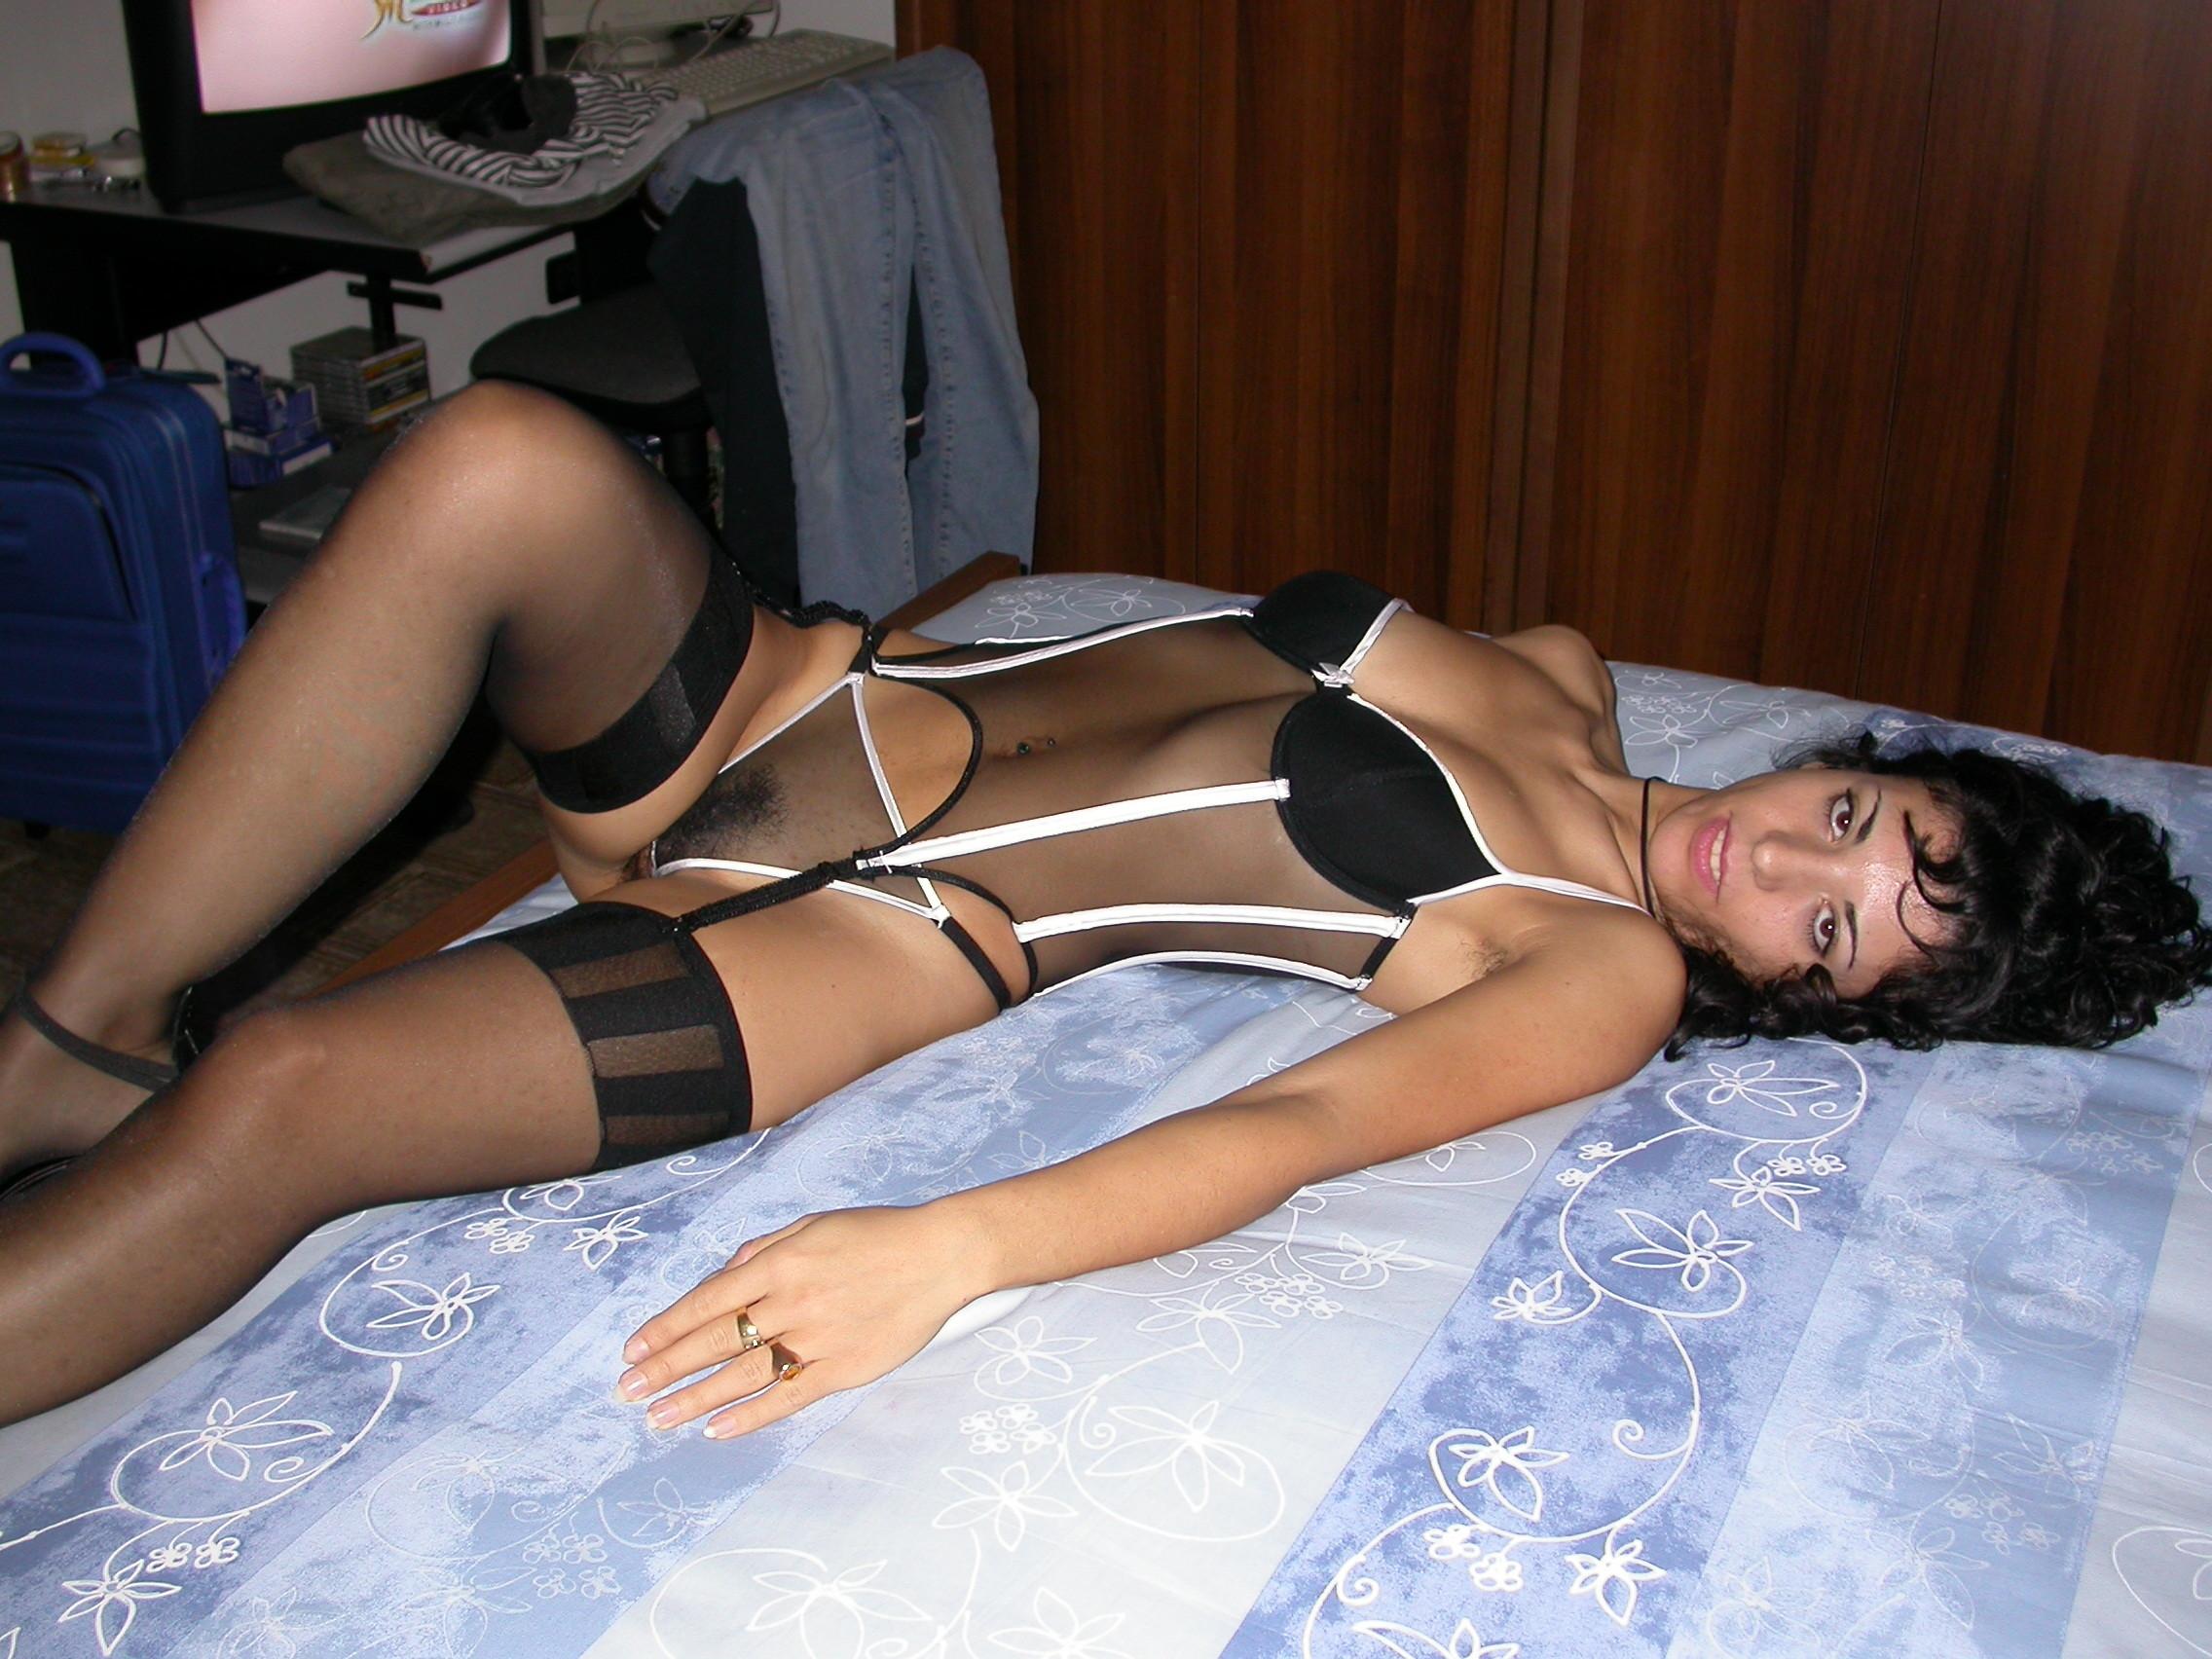 копирование, любительское секс видео в откровенном нижнем белье что многие